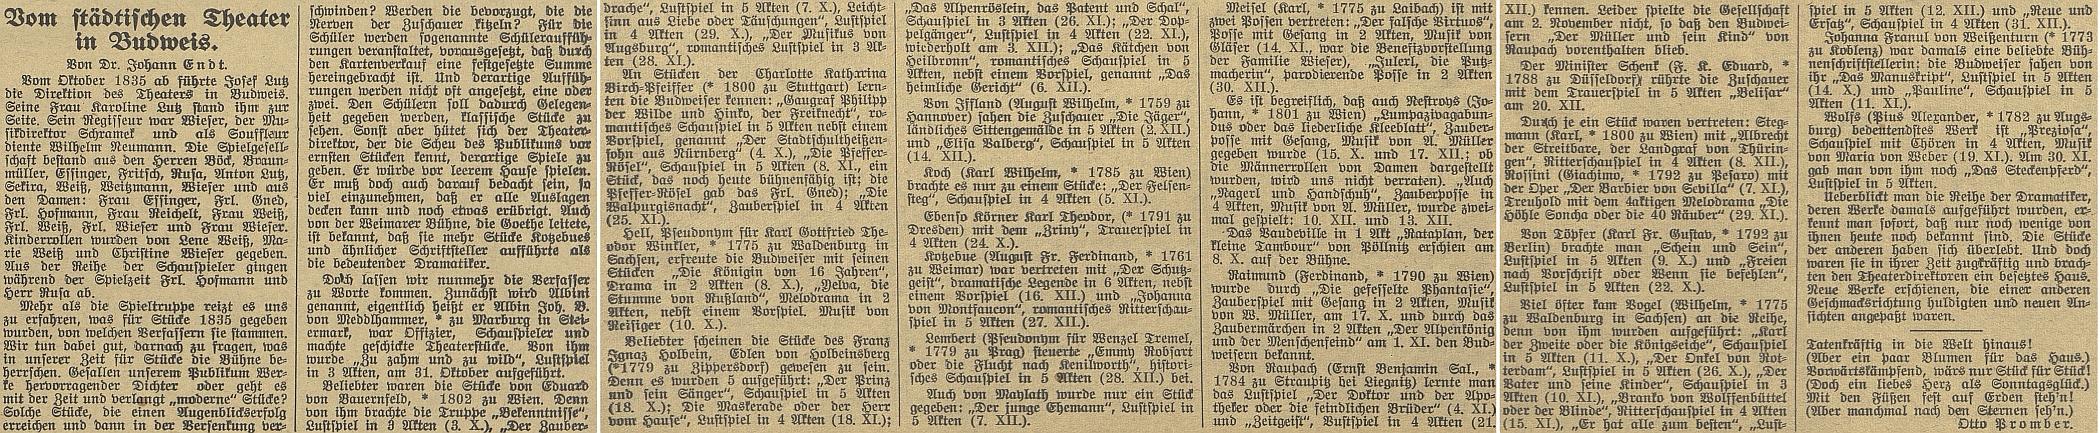 Originál Endtova článku v Budweiser Zeitung